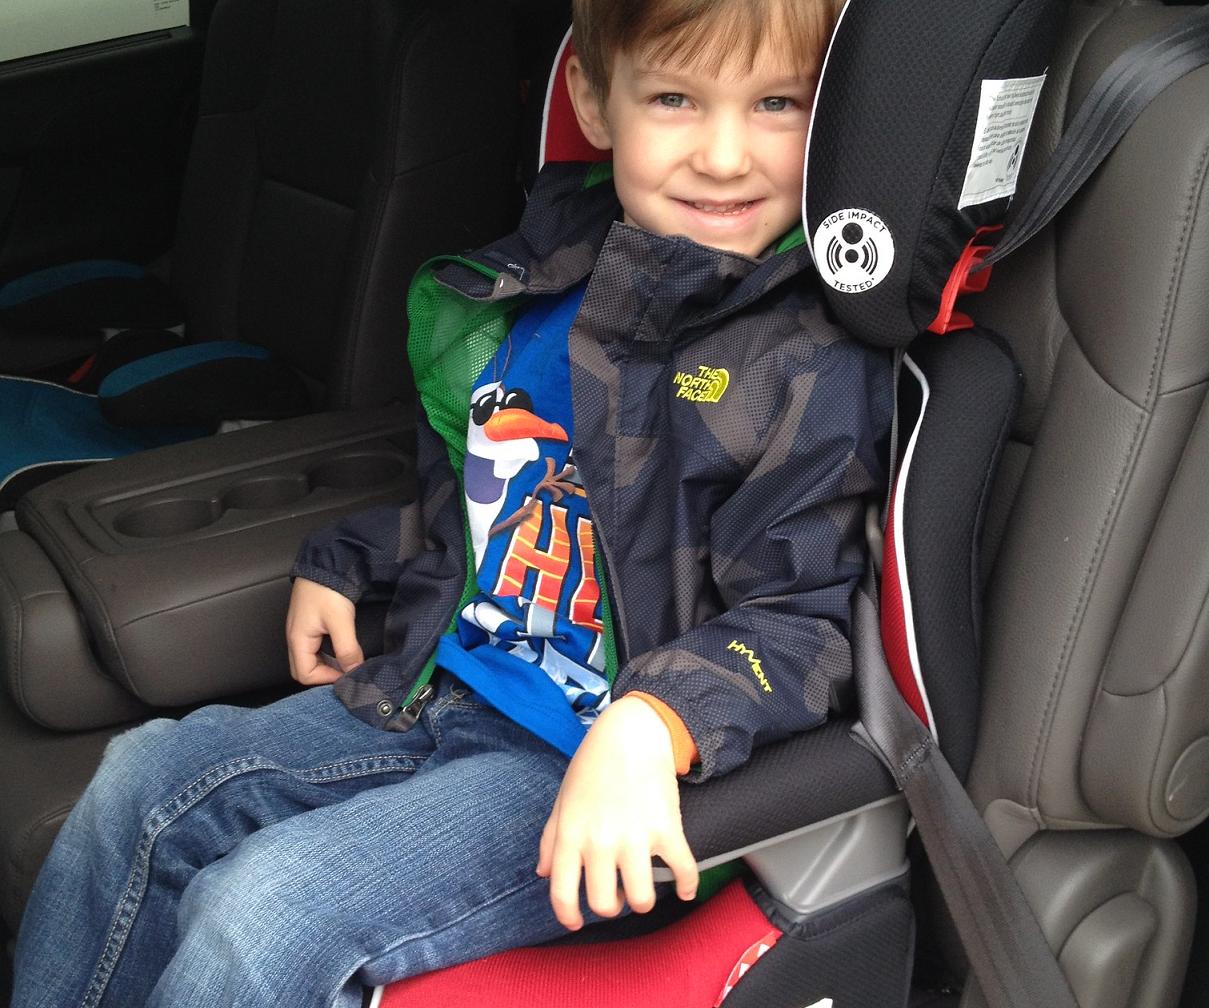 Sillas de auto para niños etapas entre 15 y 25 kilos